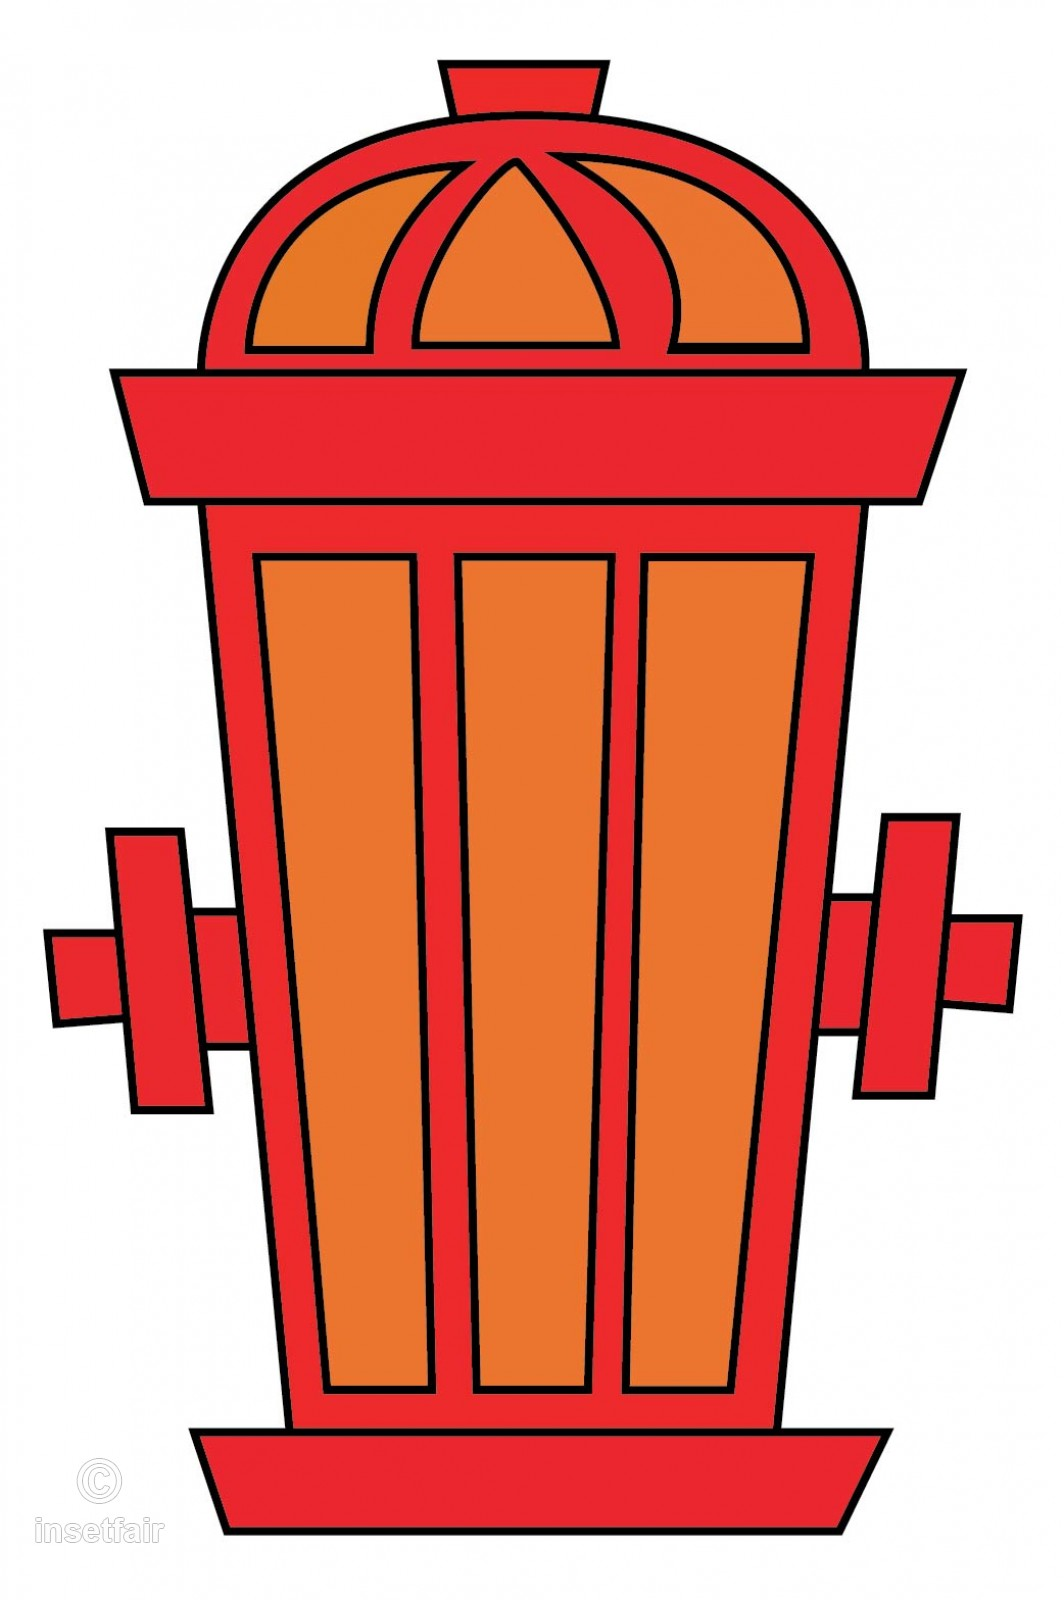 1064x1600 Fire Hose Reel Vector Illustrator Png Image